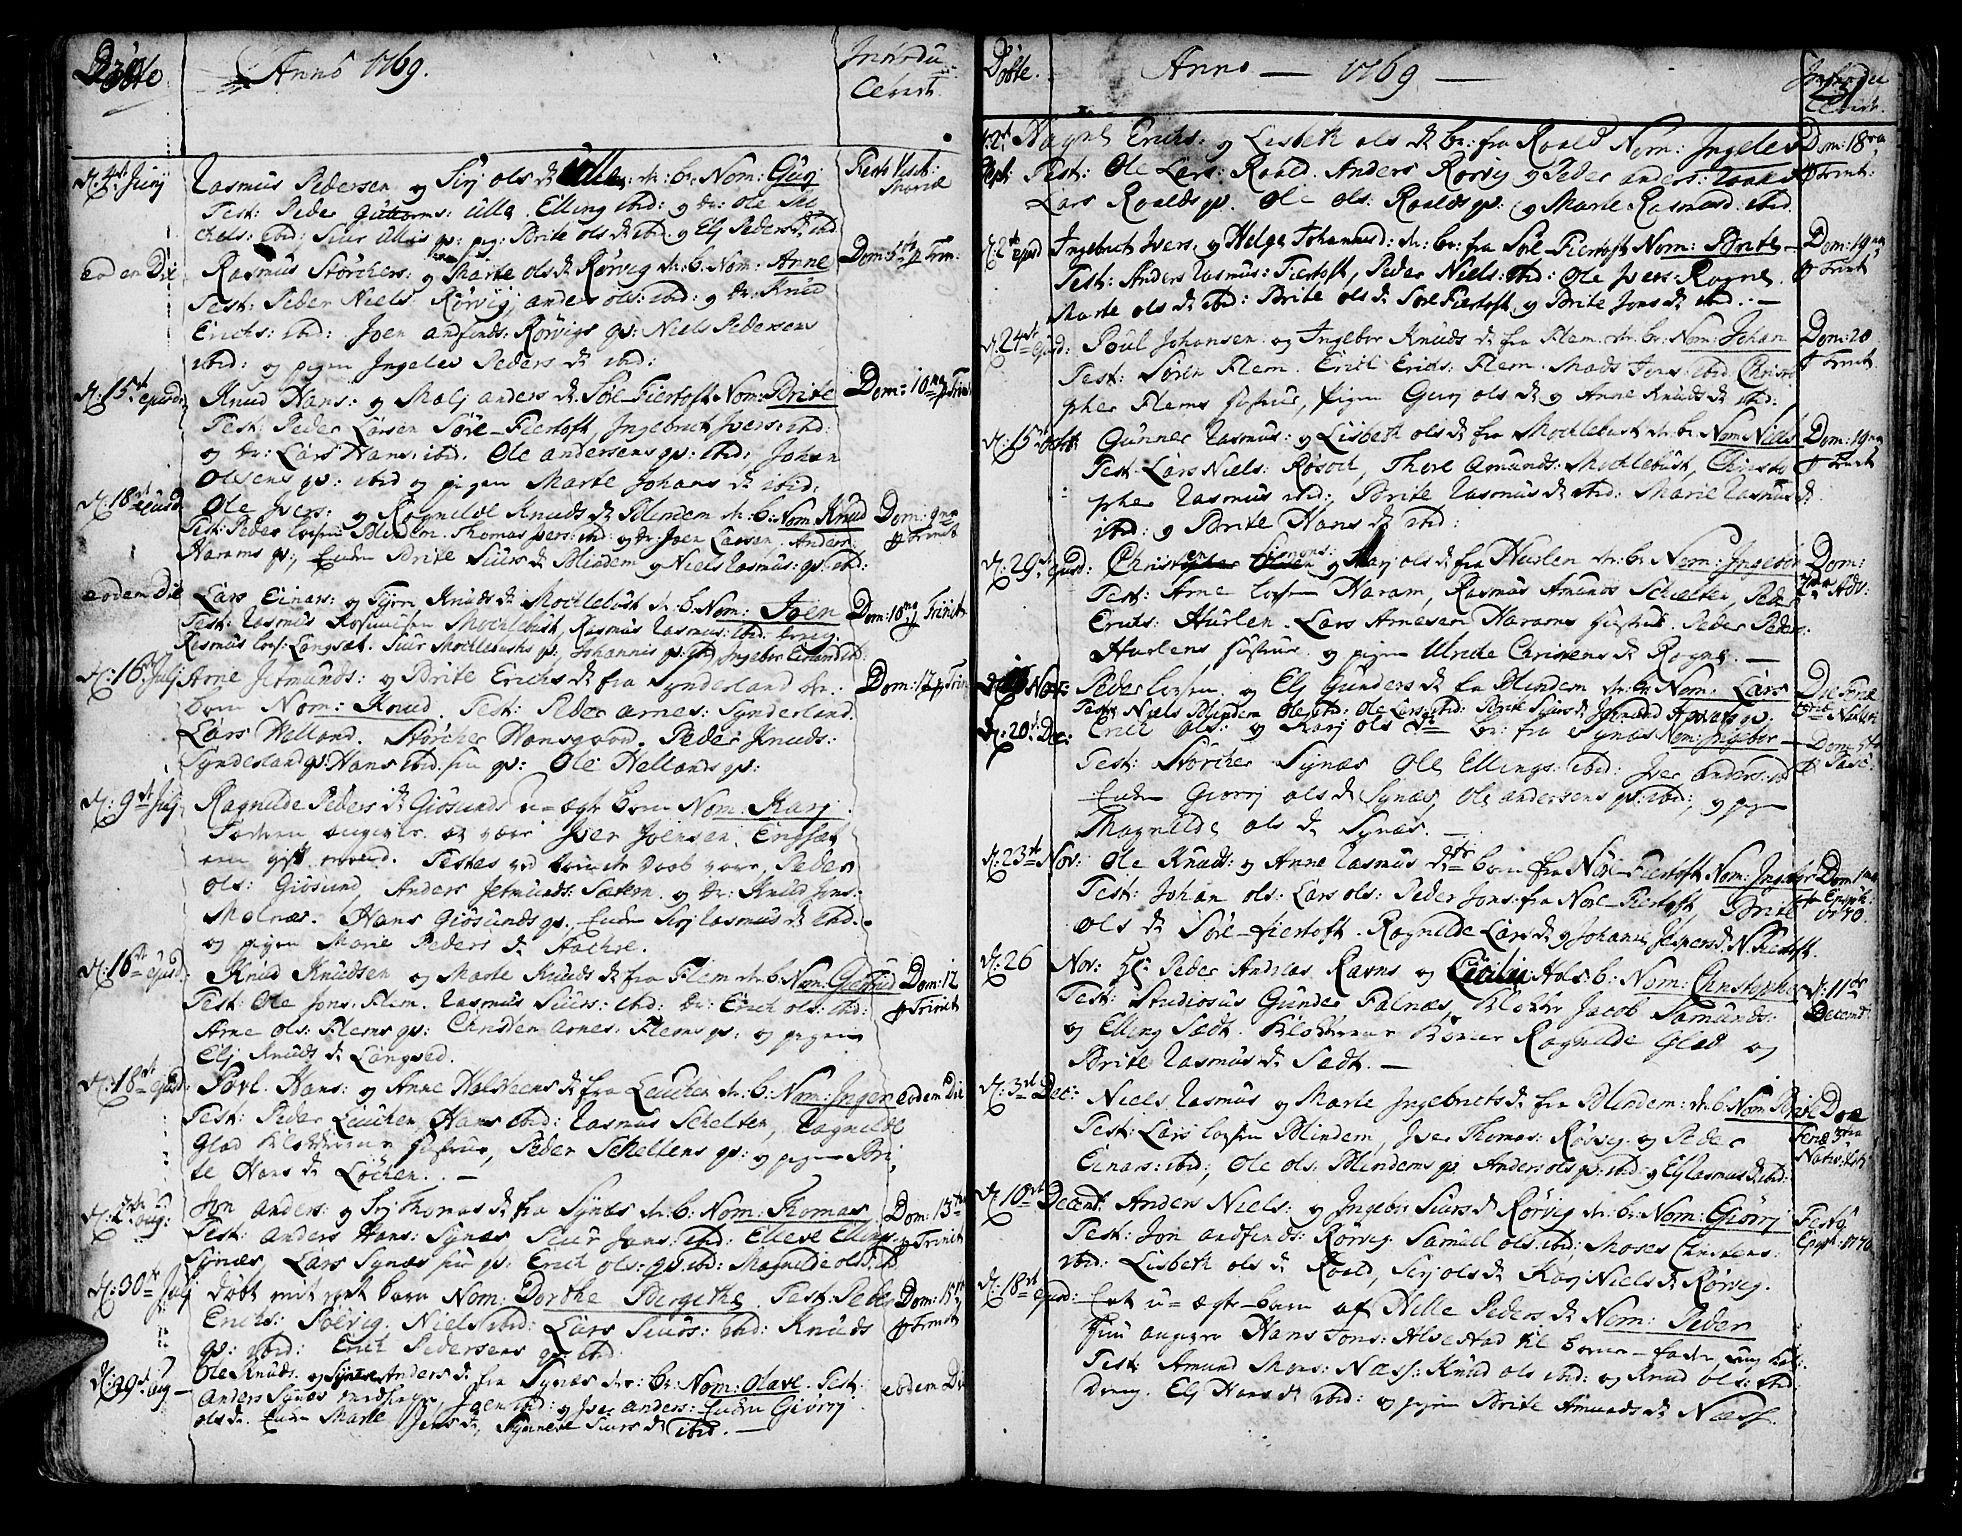 SAT, Ministerialprotokoller, klokkerbøker og fødselsregistre - Møre og Romsdal, 536/L0493: Ministerialbok nr. 536A02, 1739-1802, s. 230-231